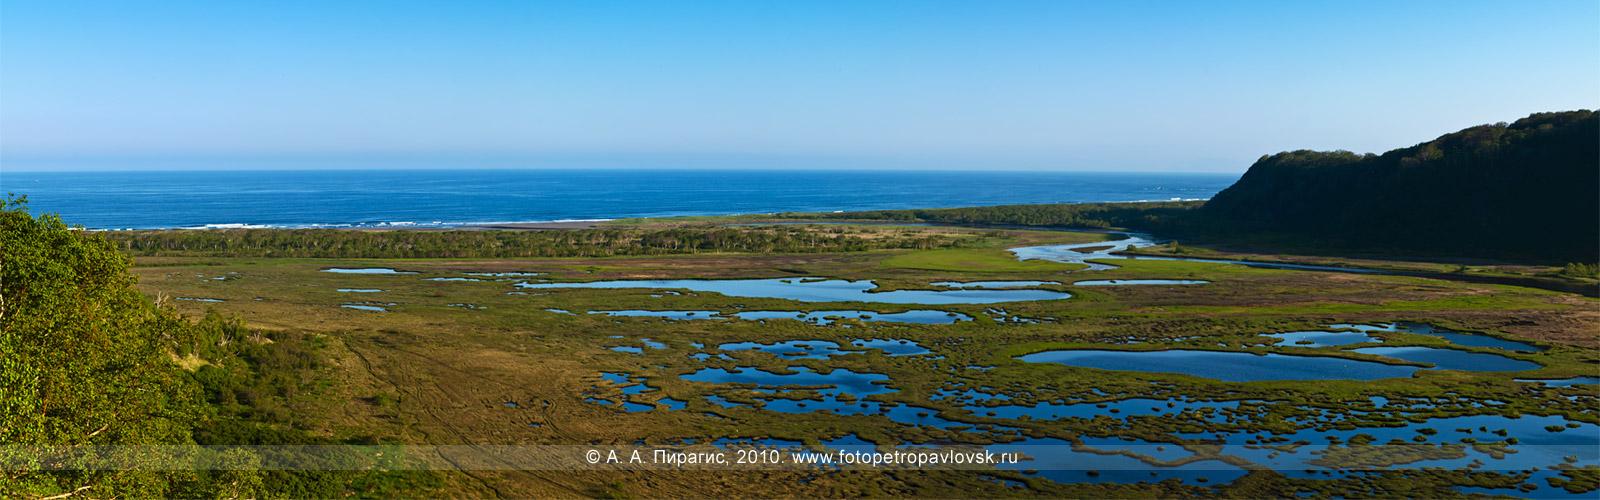 Фотография: панорама — Приливное озеро. Берег Авачинского залива (Тихий океан). Окрестности города Петропавловска-Камчатского